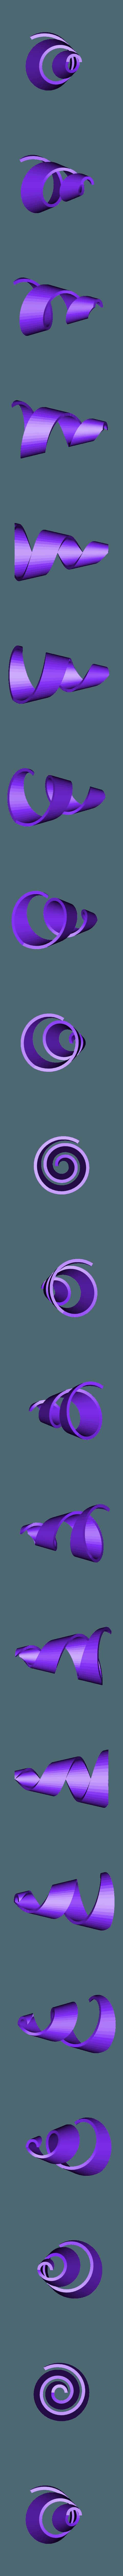 twist_cone_B.stl Télécharger fichier STL gratuit Collection de cônes de circulation de la mode • Design imprimable en 3D, Render